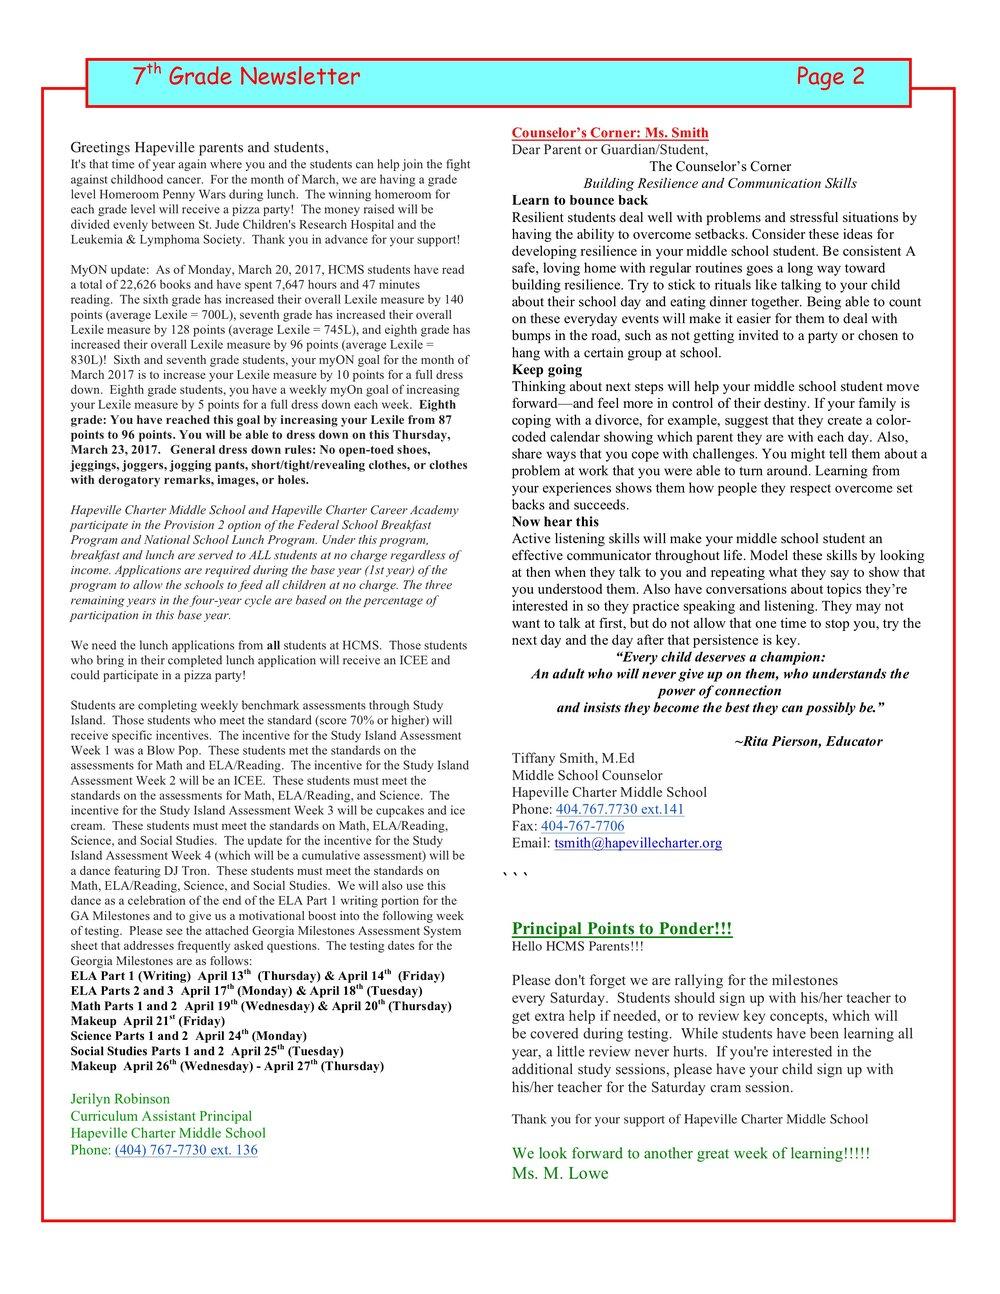 Newsletter Image7th Grade Newsletter 3-21-2017  2.jpeg